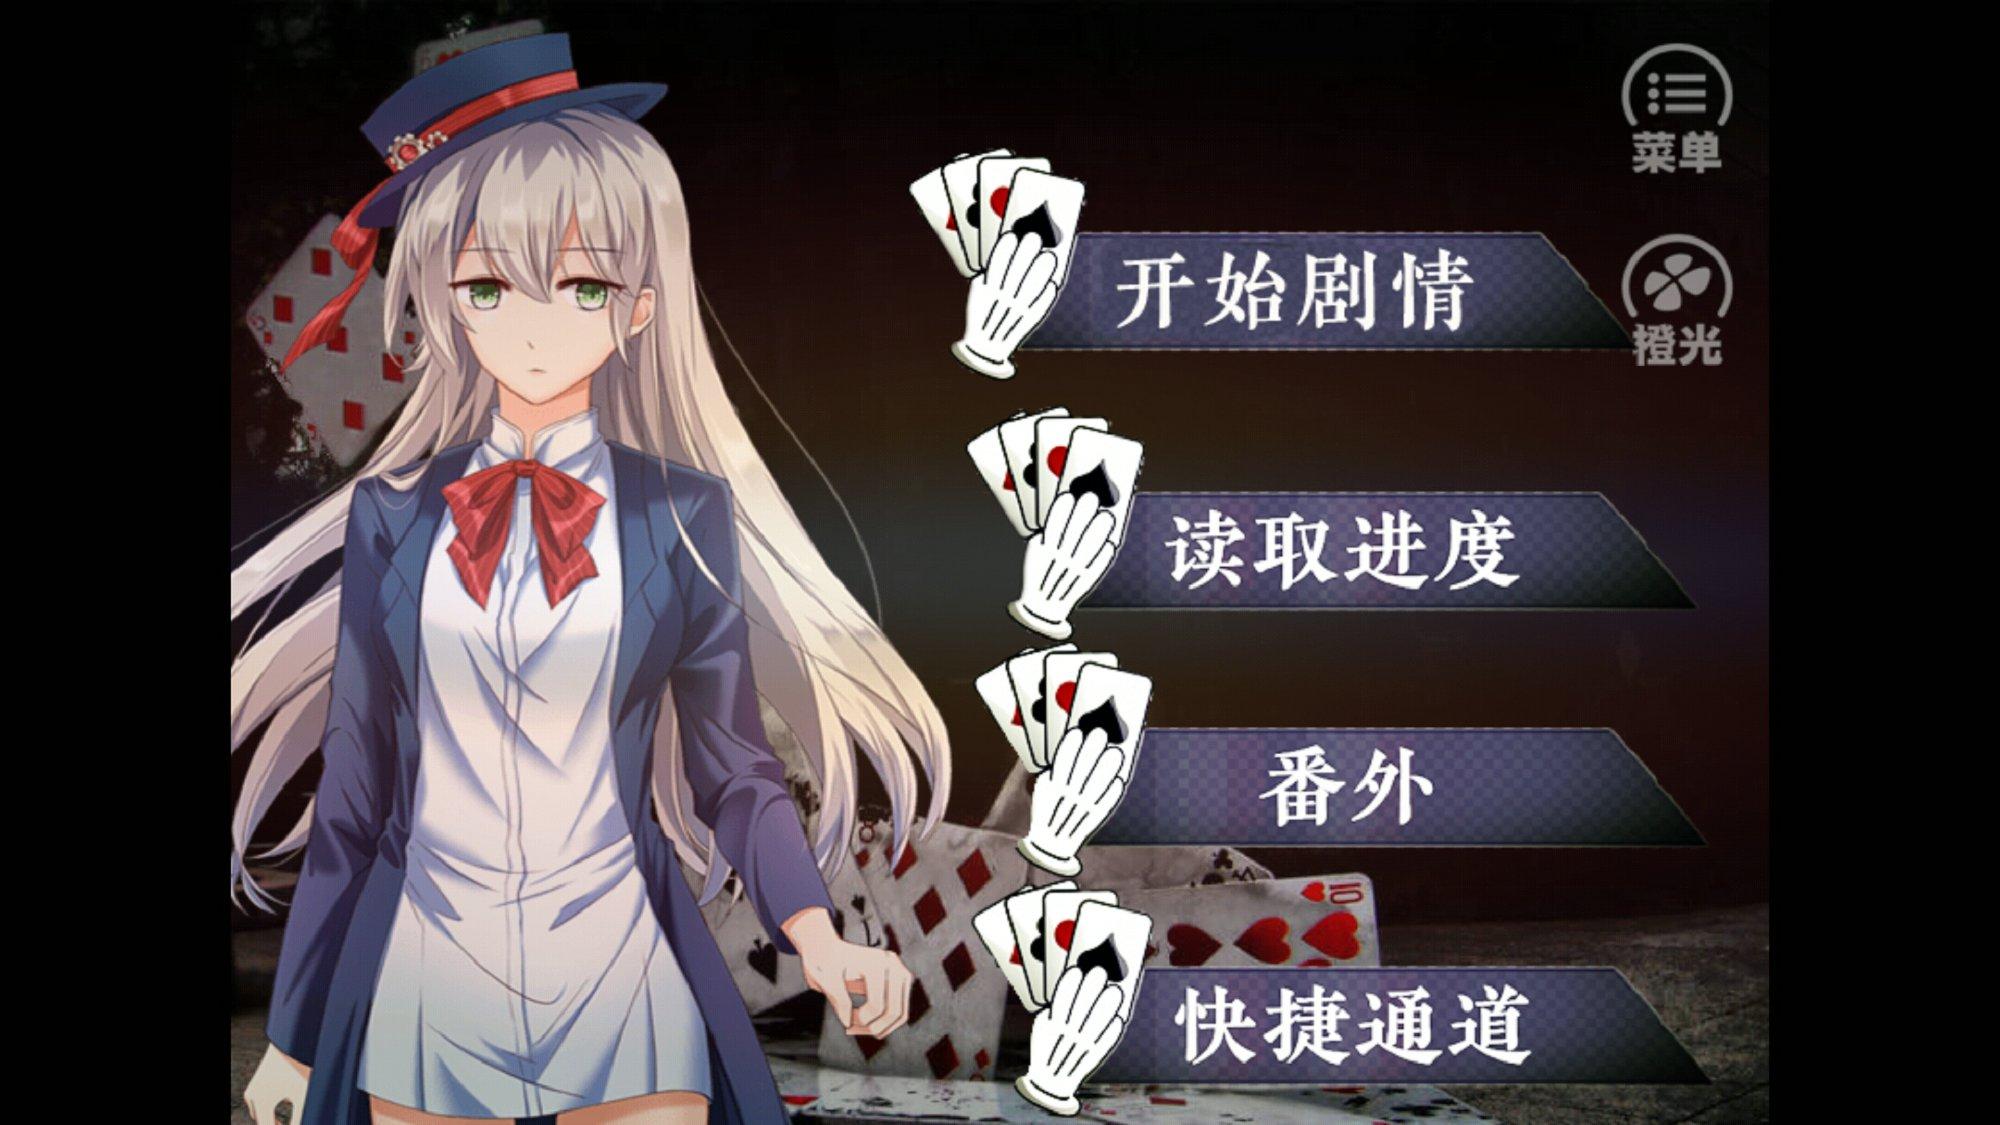 卡牌游戏破解版 v1.0.1025截图